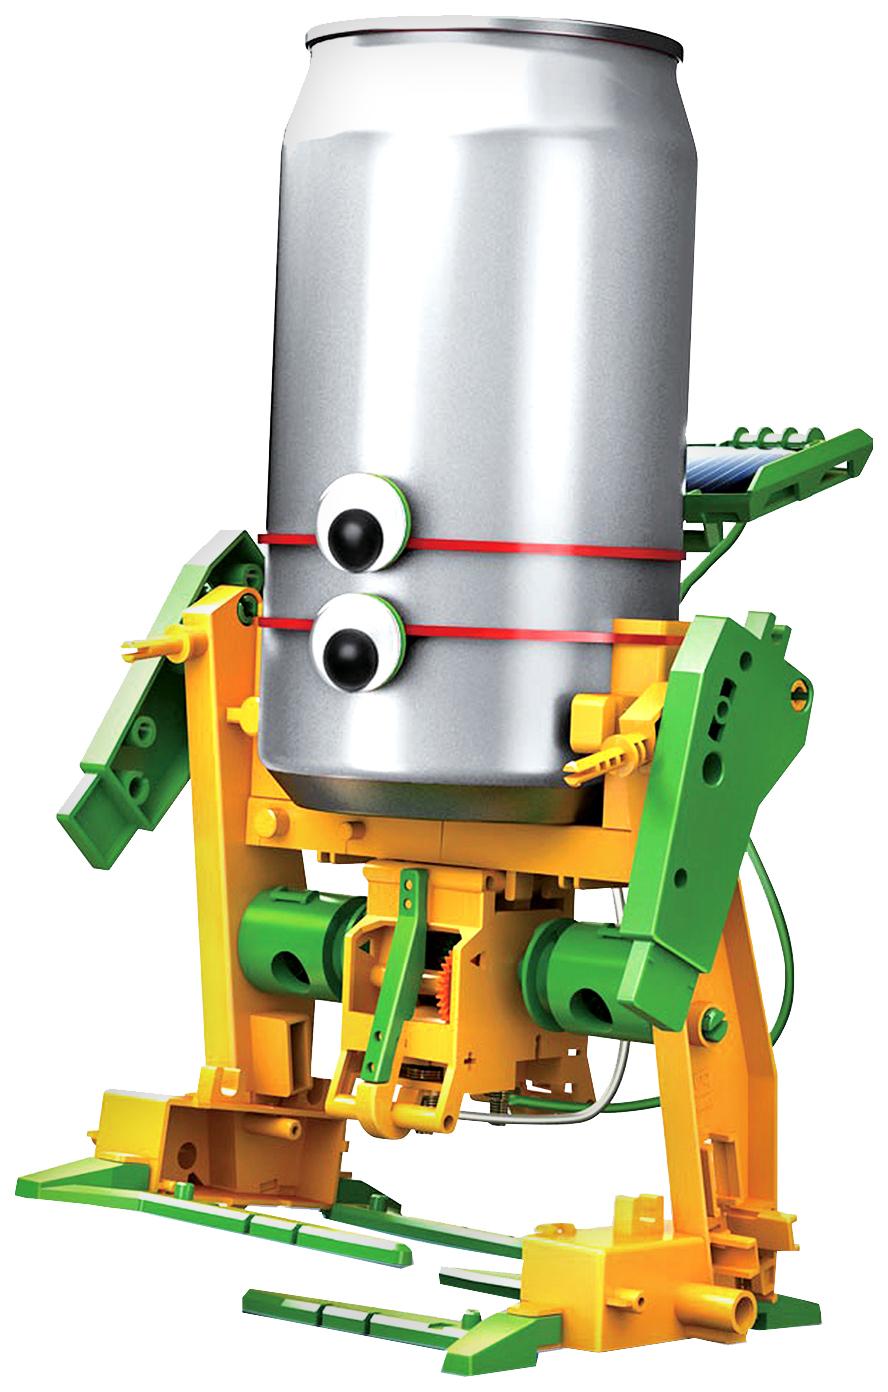 Купить Набор для исследования 6 в 1: Солнечный робот Механический конструктор - Сделай сам, OCIE, Наборы для опытов